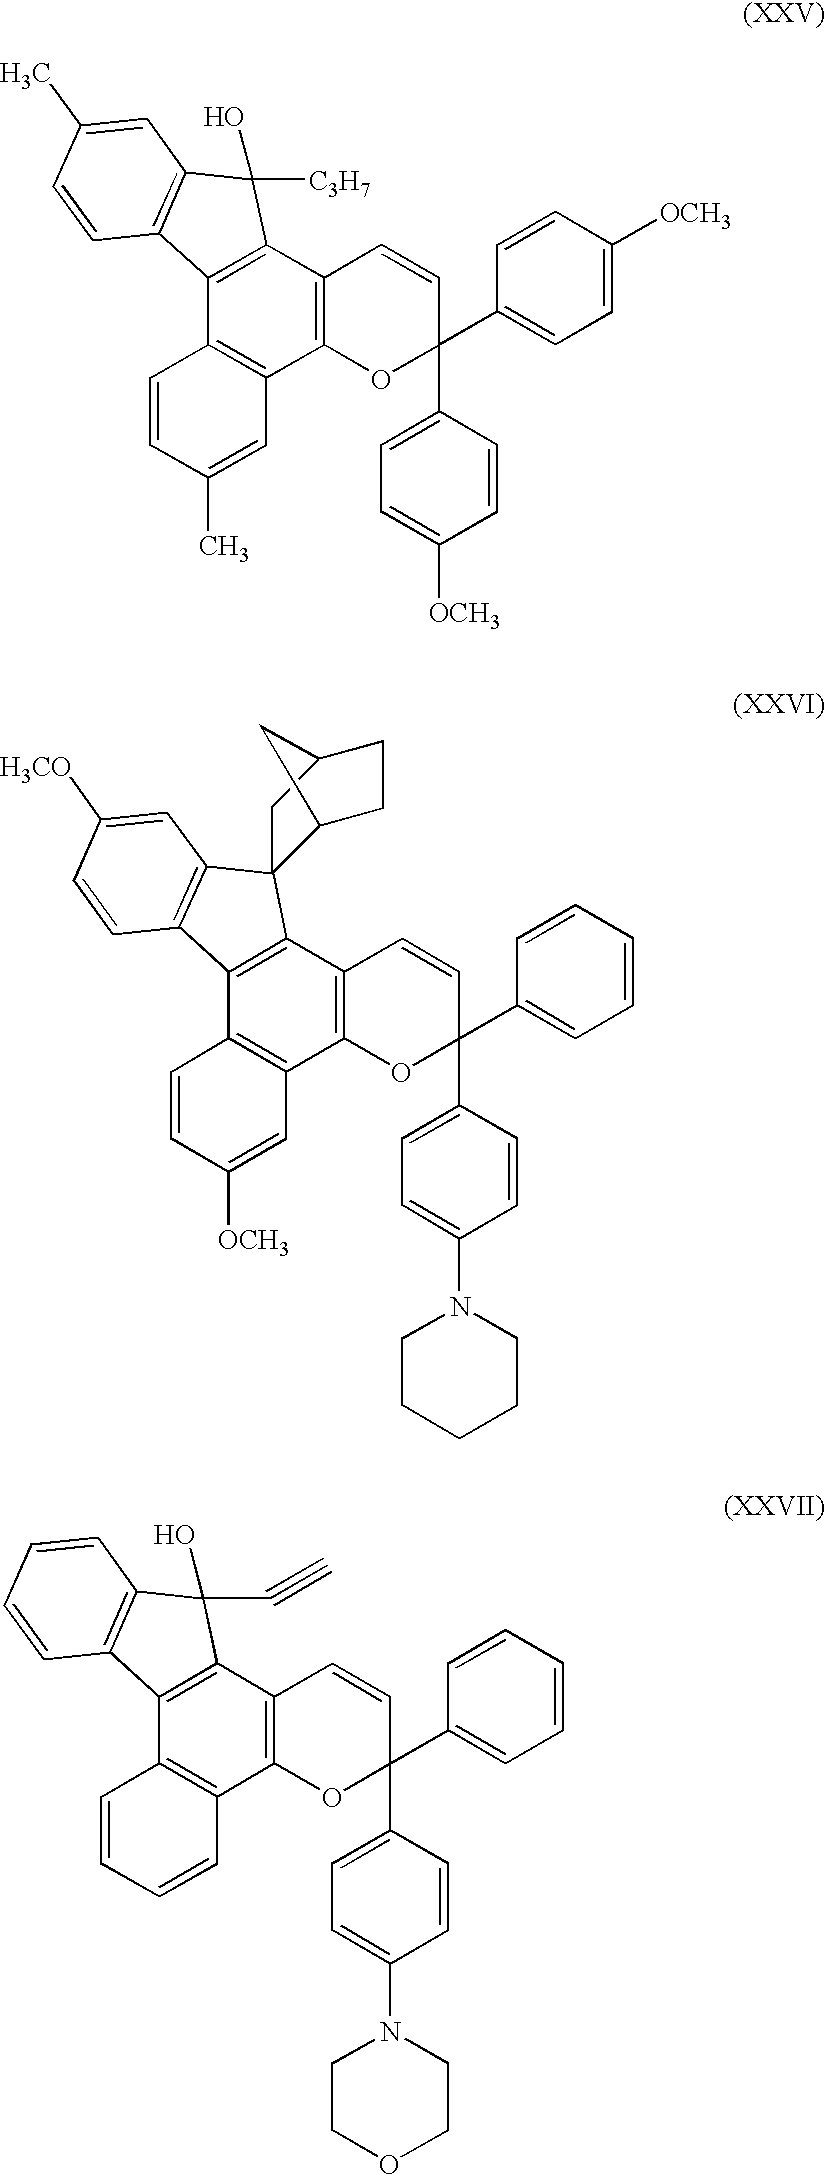 Figure US06698883-20040302-C00032